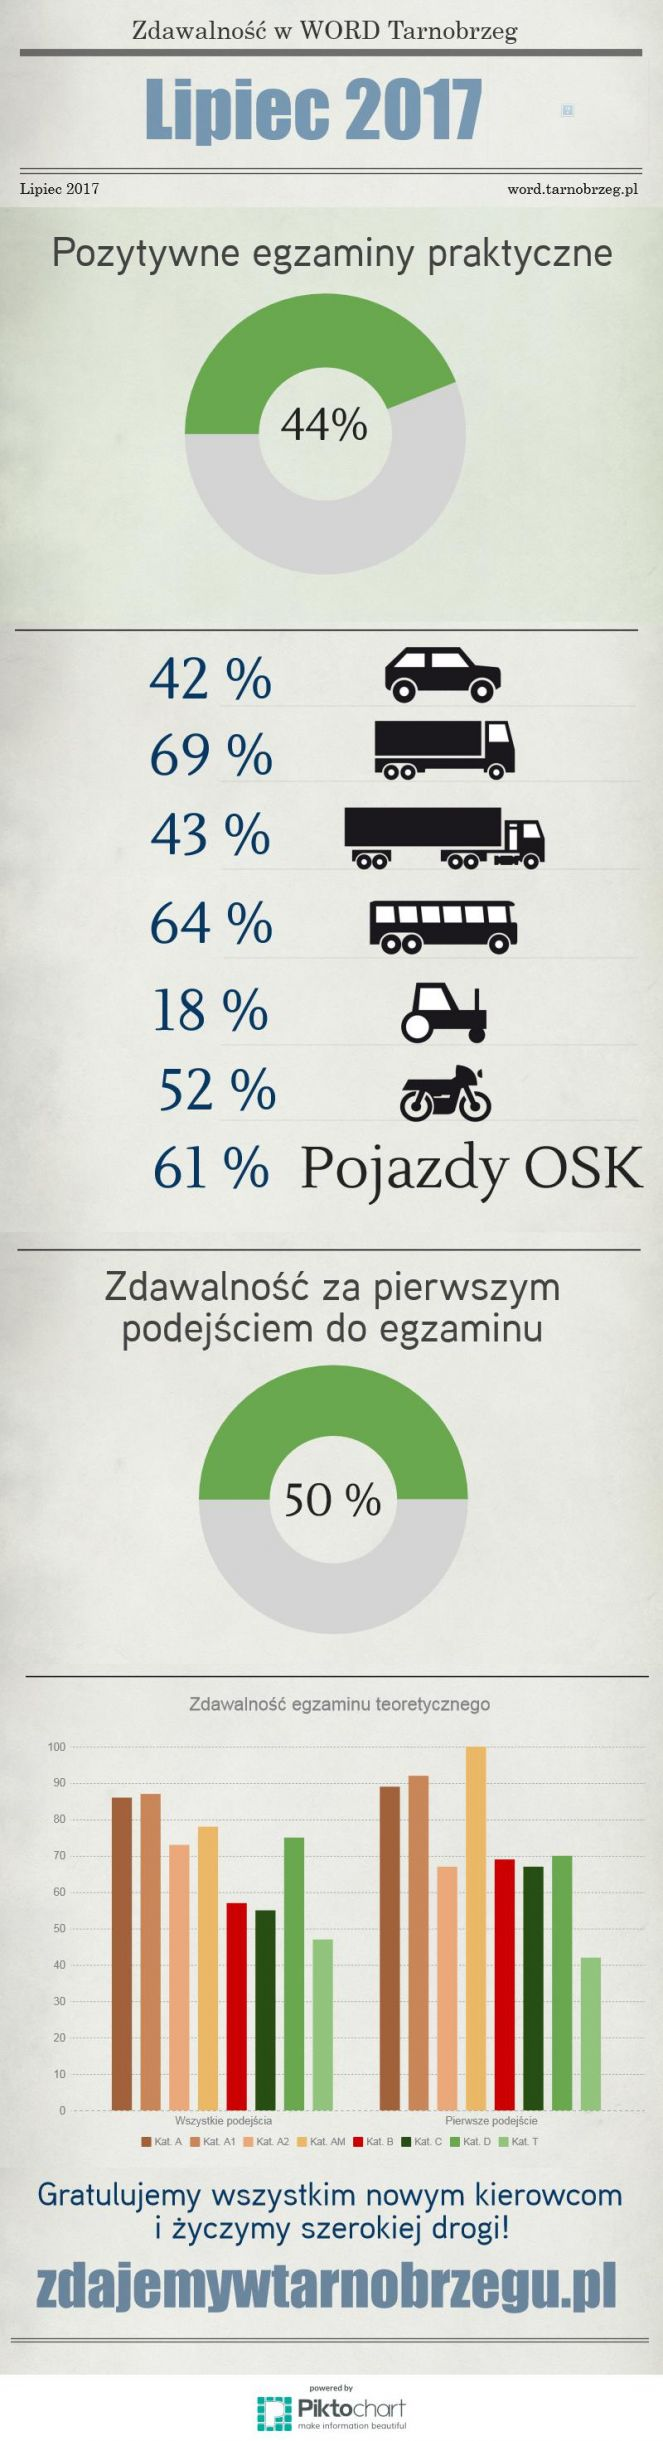 Statystyki lipiec 2017